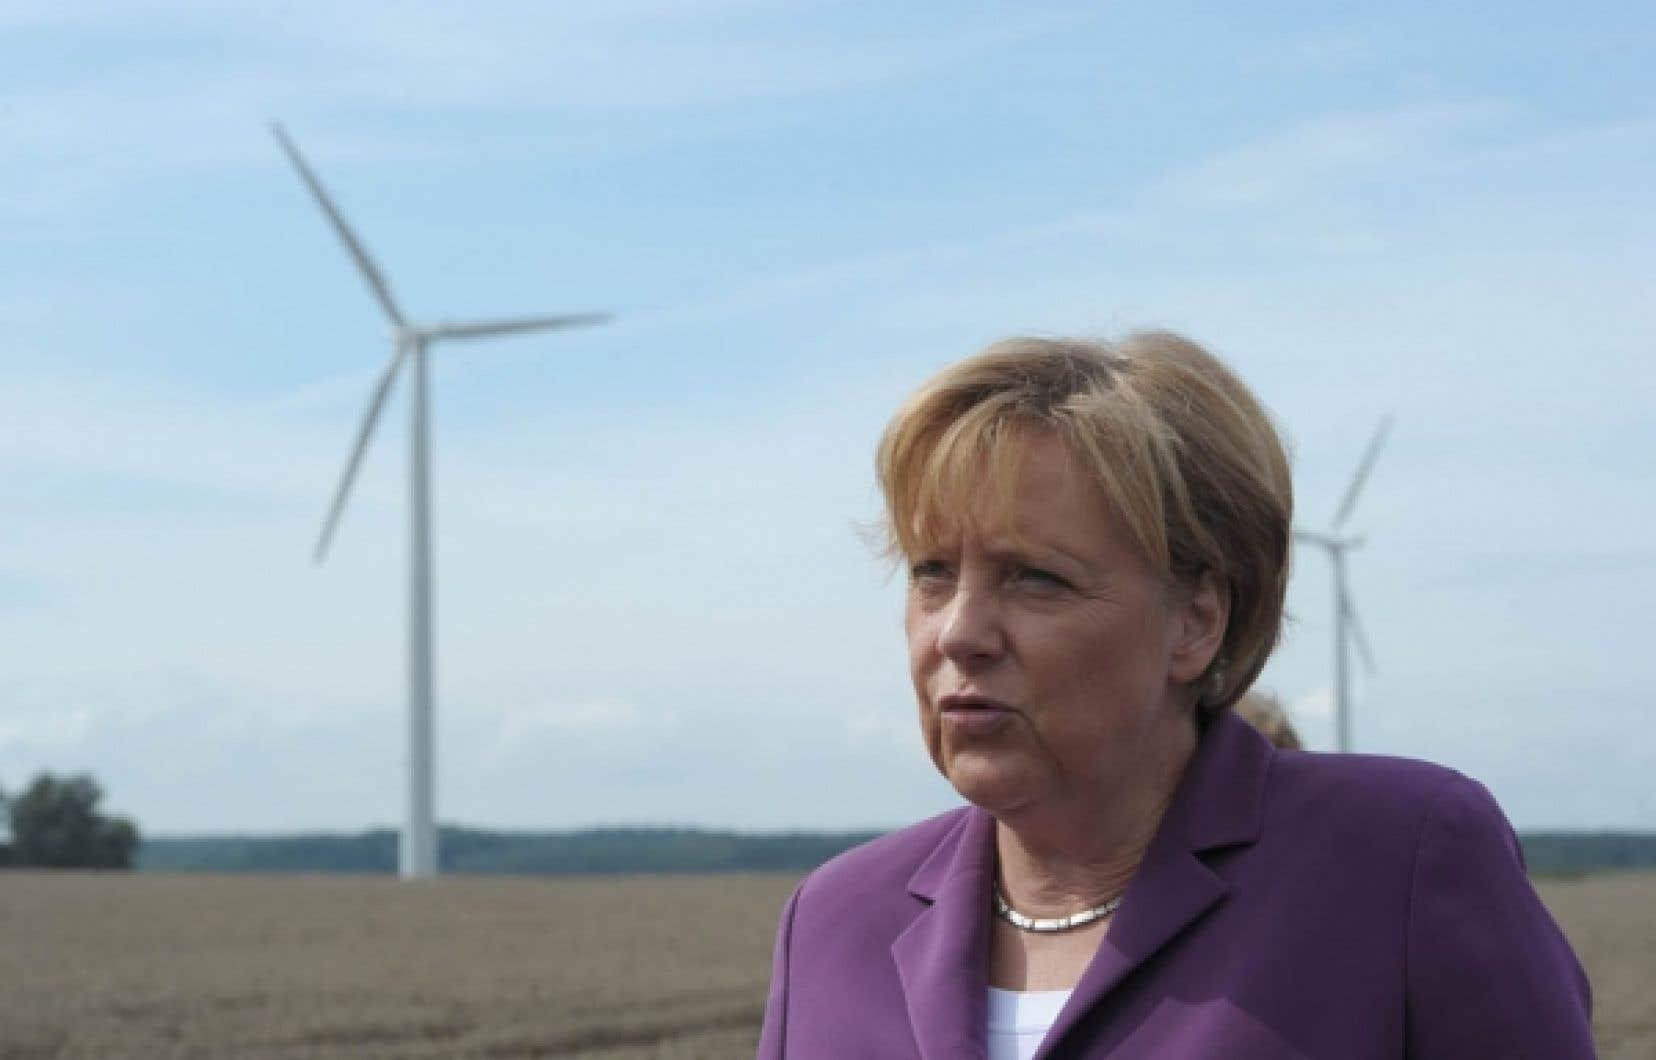 Au pays d'Angela Merkel, tout ne tourne pas toujours rond en matière d'énergie. Encourager le développement des éoliennes est une chose, mais certains tiquent quand la politique énergétique se traduit par des «prix négatifs» dont le coût est assumé par les consommateurs.<br />